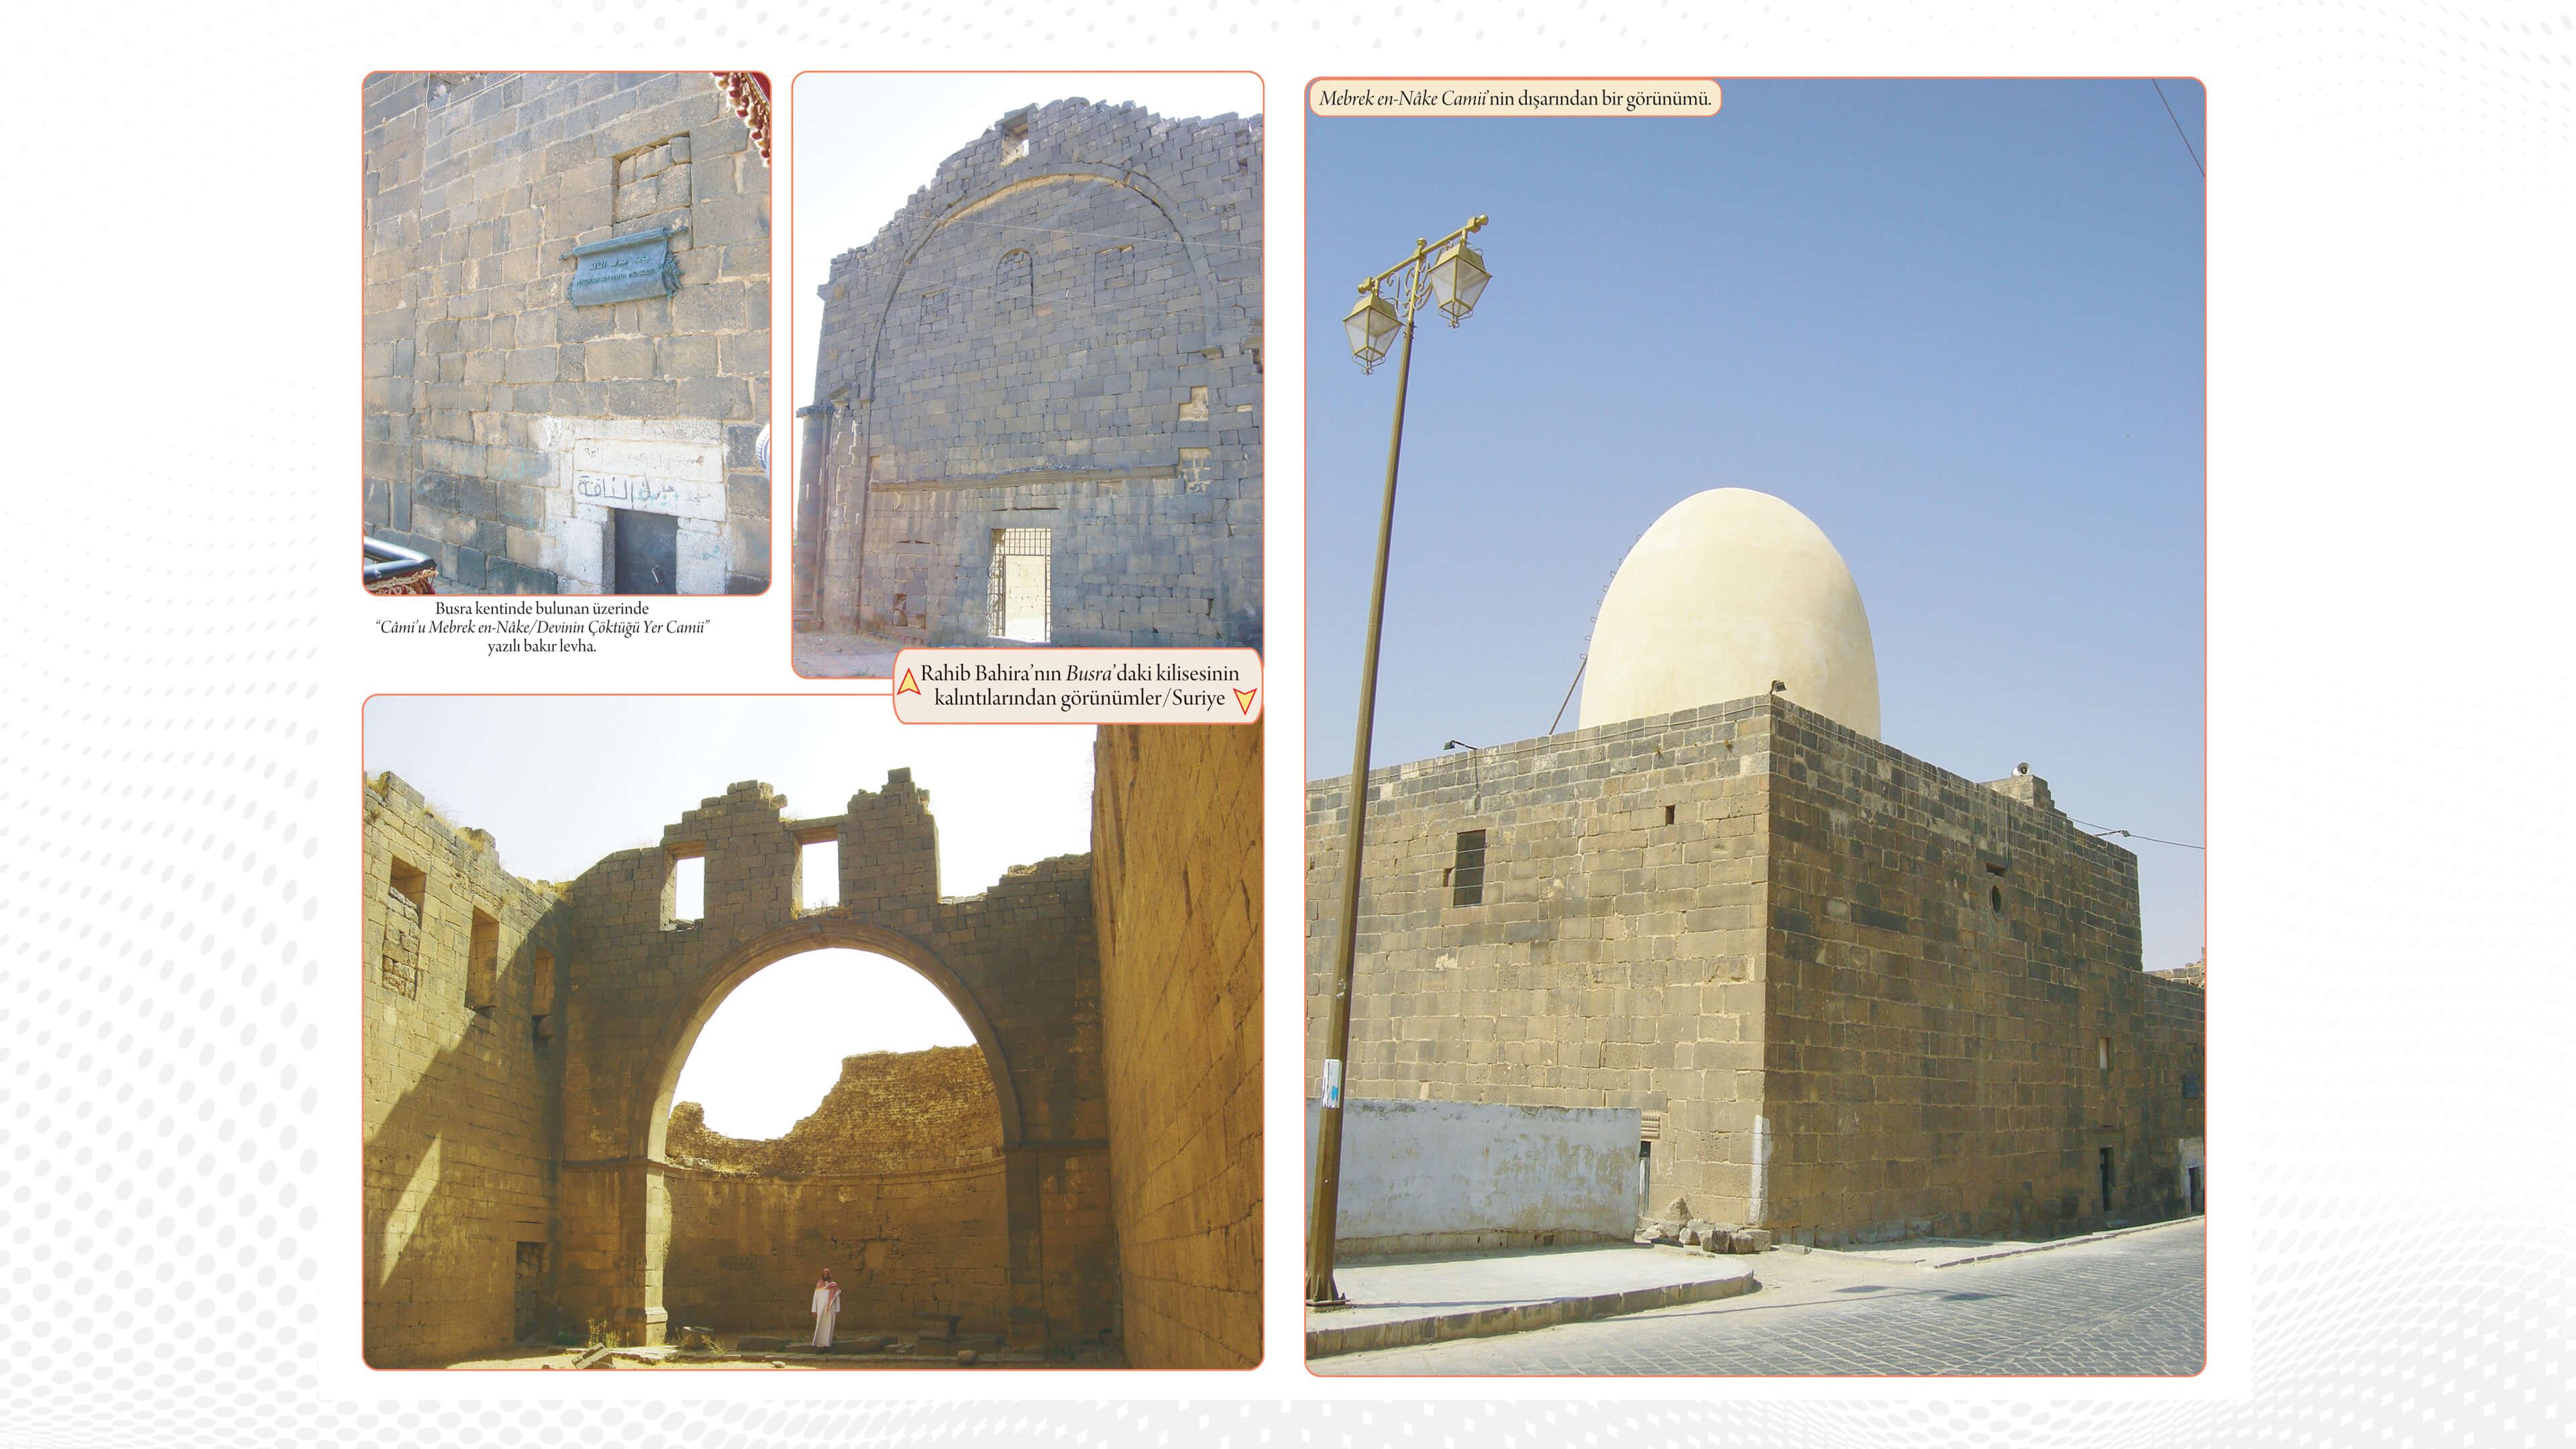 Efendimiz'in (S.A.V) Devesinin Çöktüğü Yer ve Rahip Bahira'nın Kilise Kalıntıları